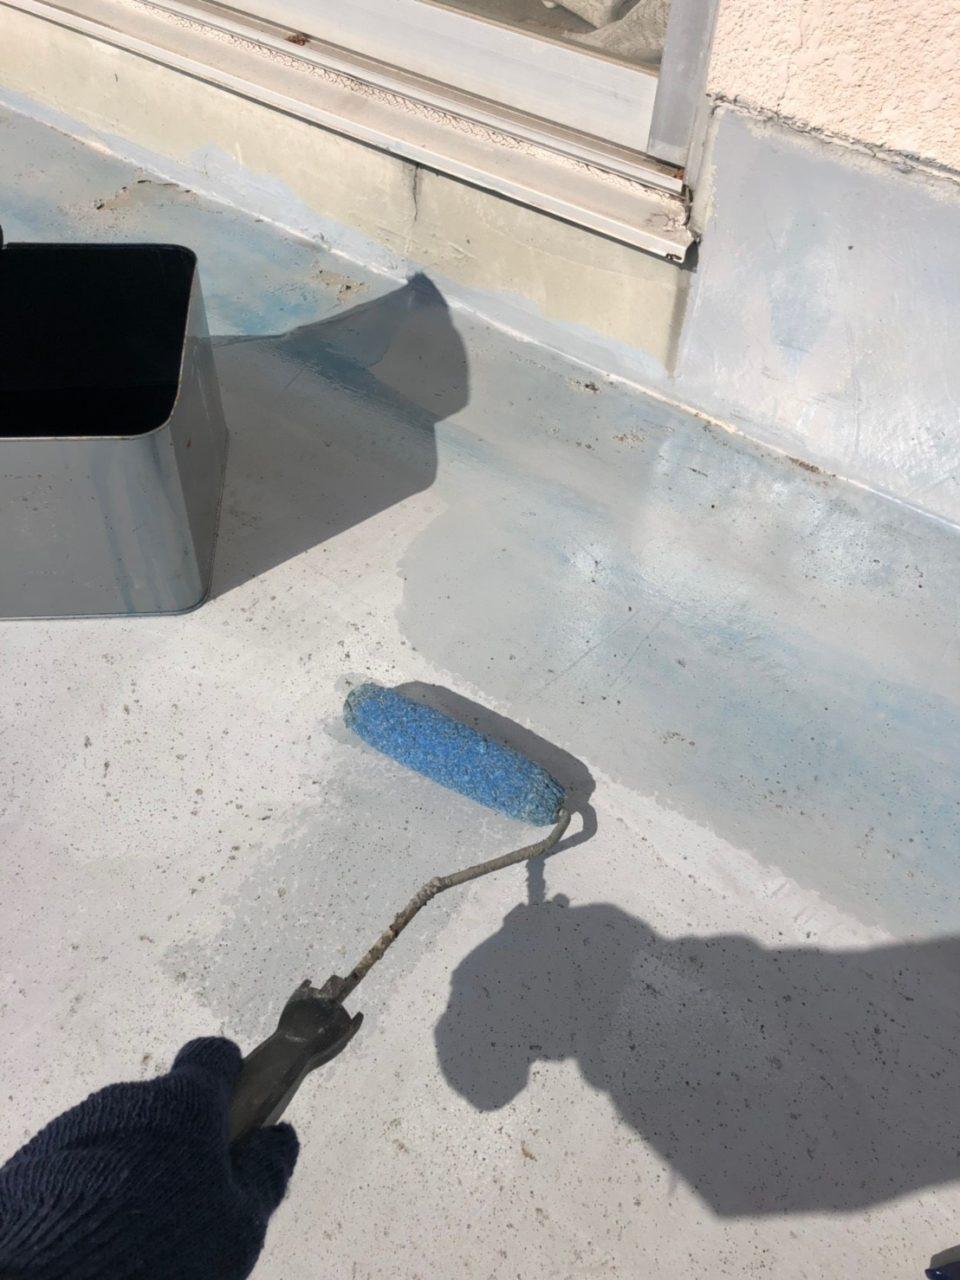 安城市防水工事 プライマー ウレタン一回塗り2